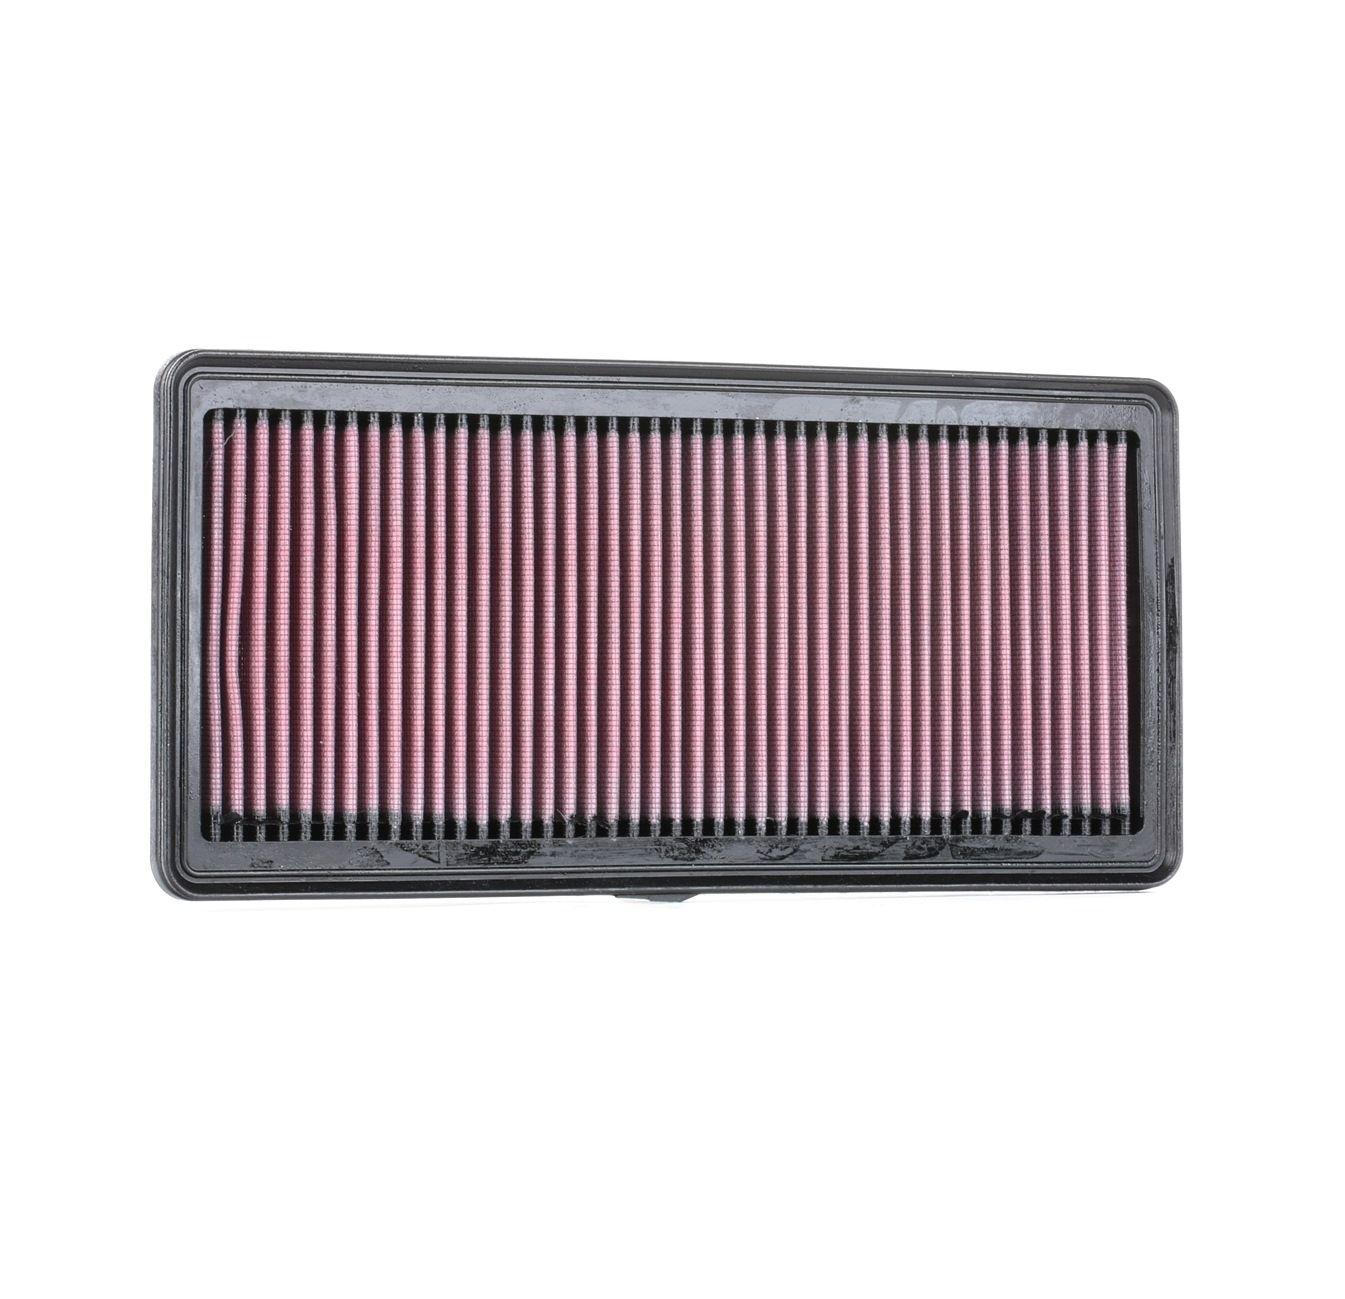 Filtro de aire K&N Filters 33-2842 evaluación